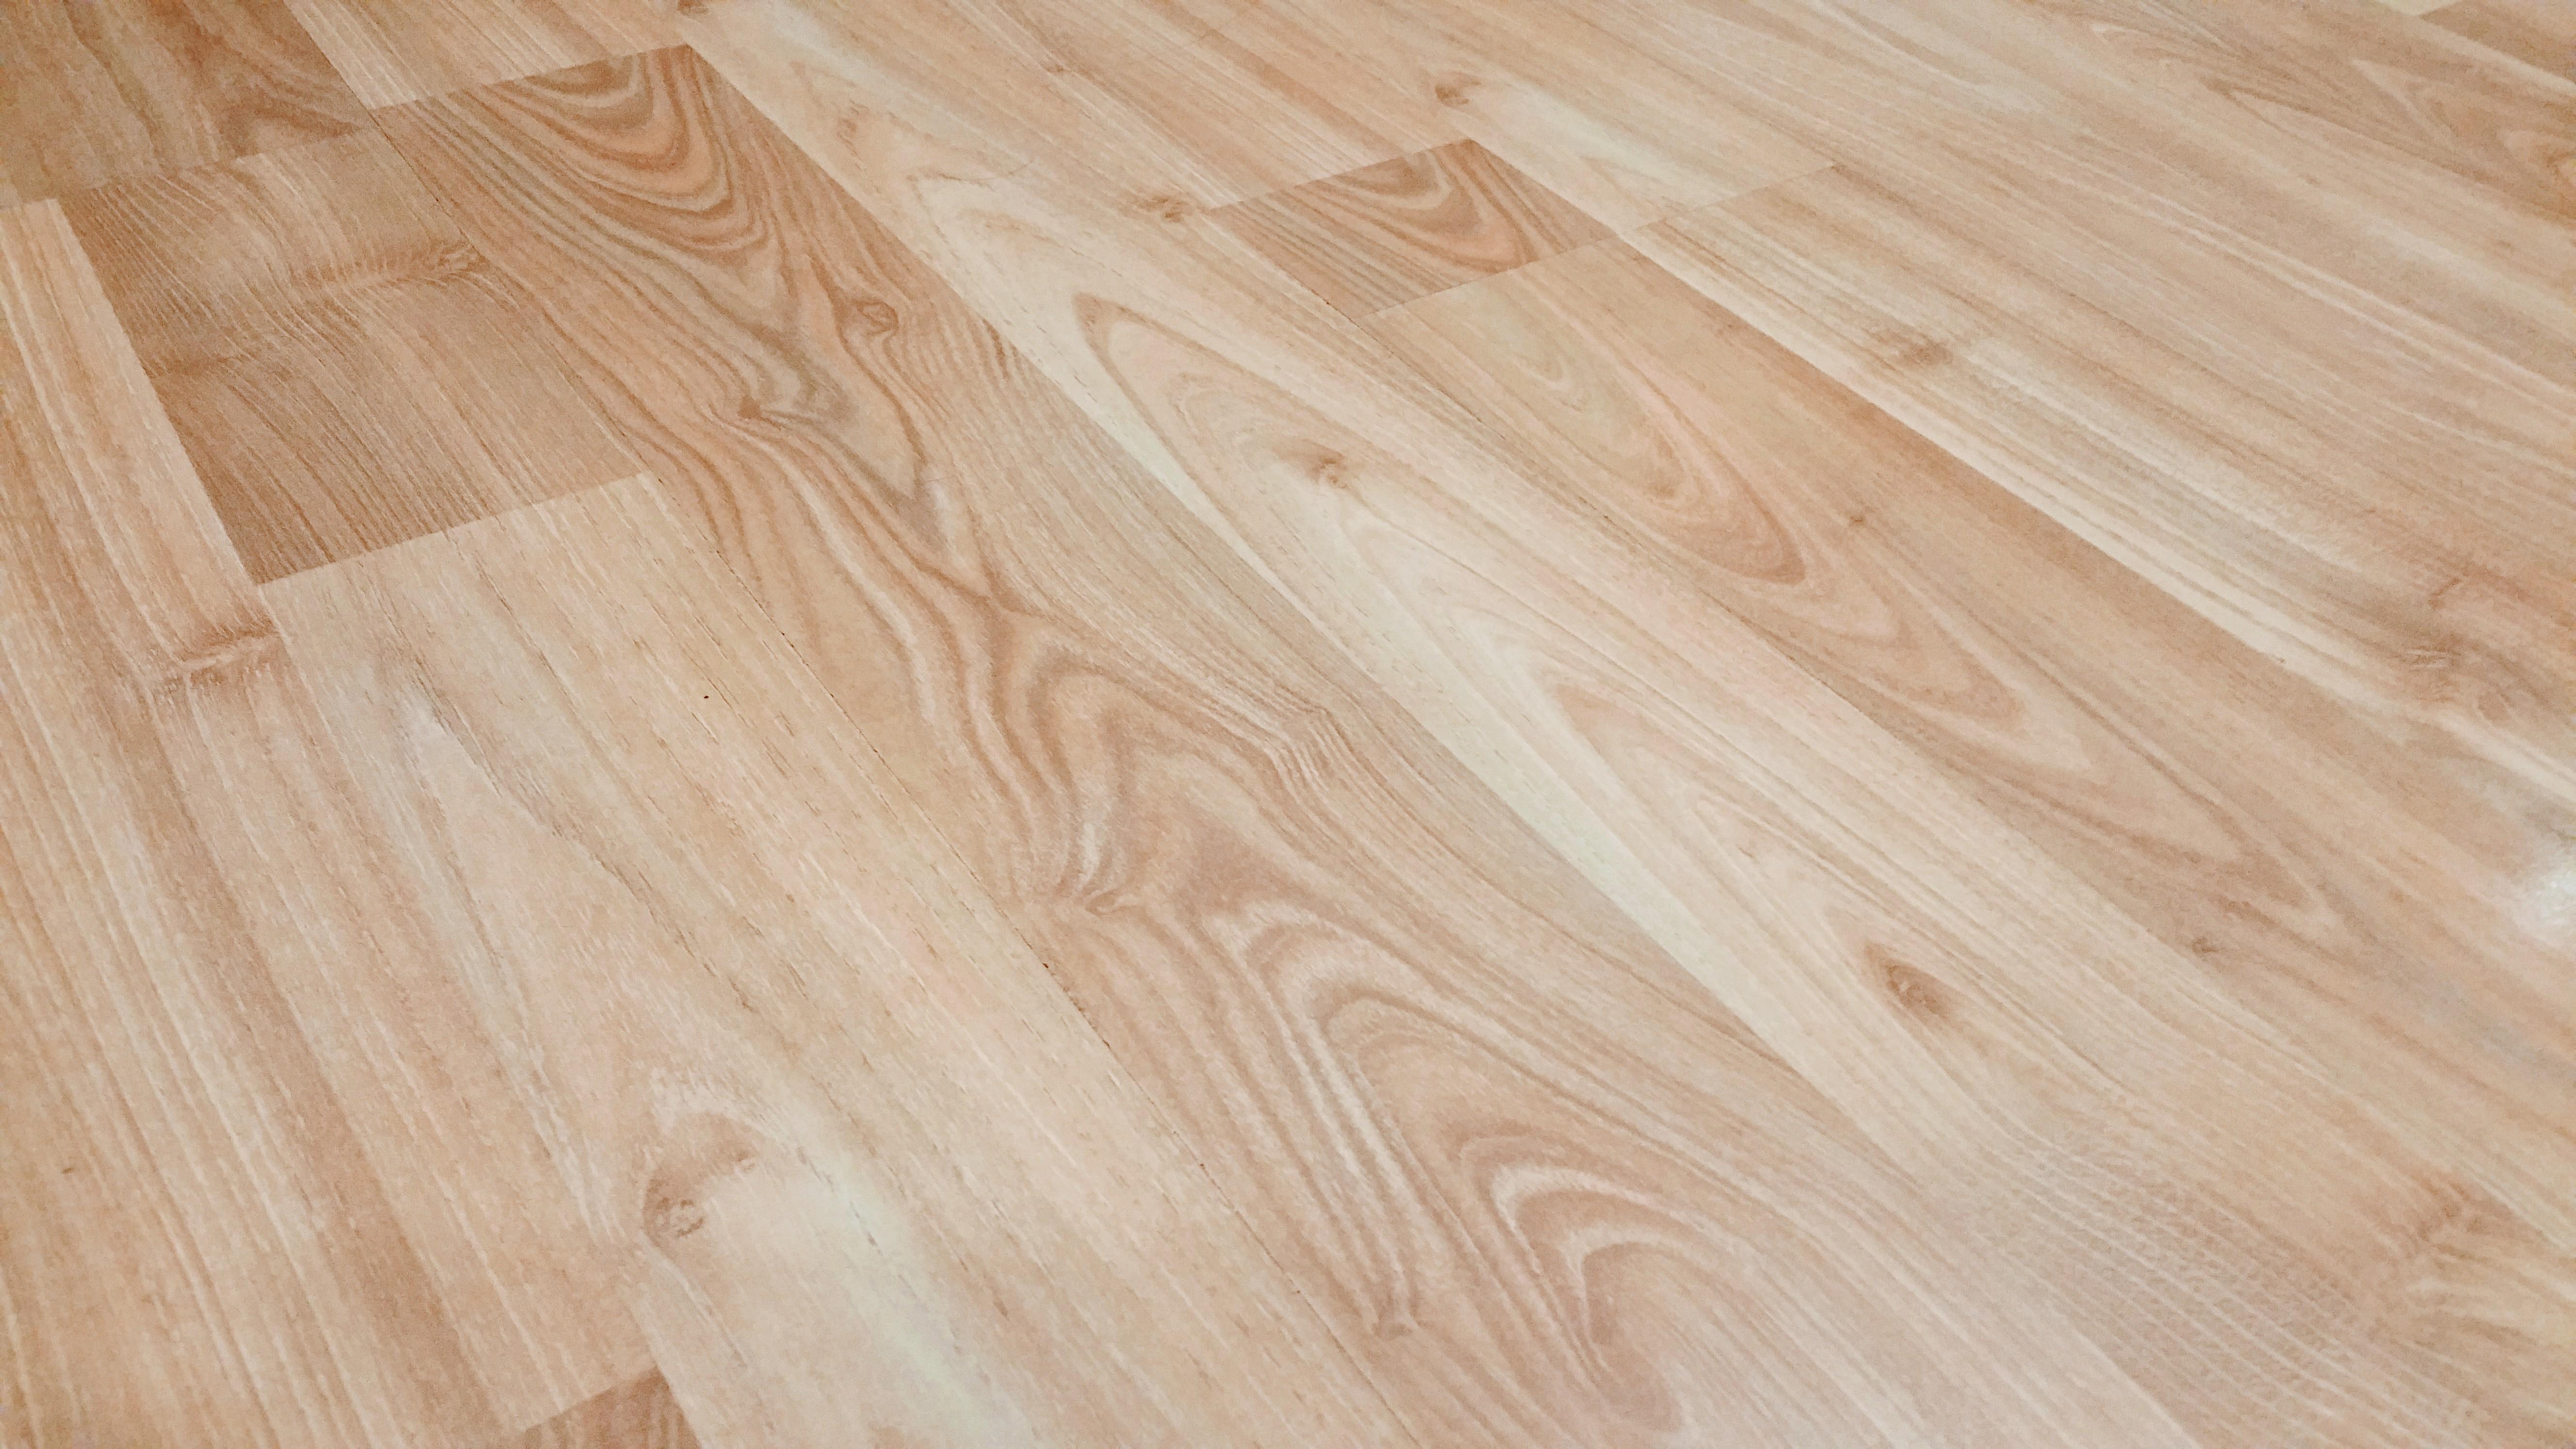 wooden flooring free stock photo of texture, brown, wooden, floor QFLOKWW